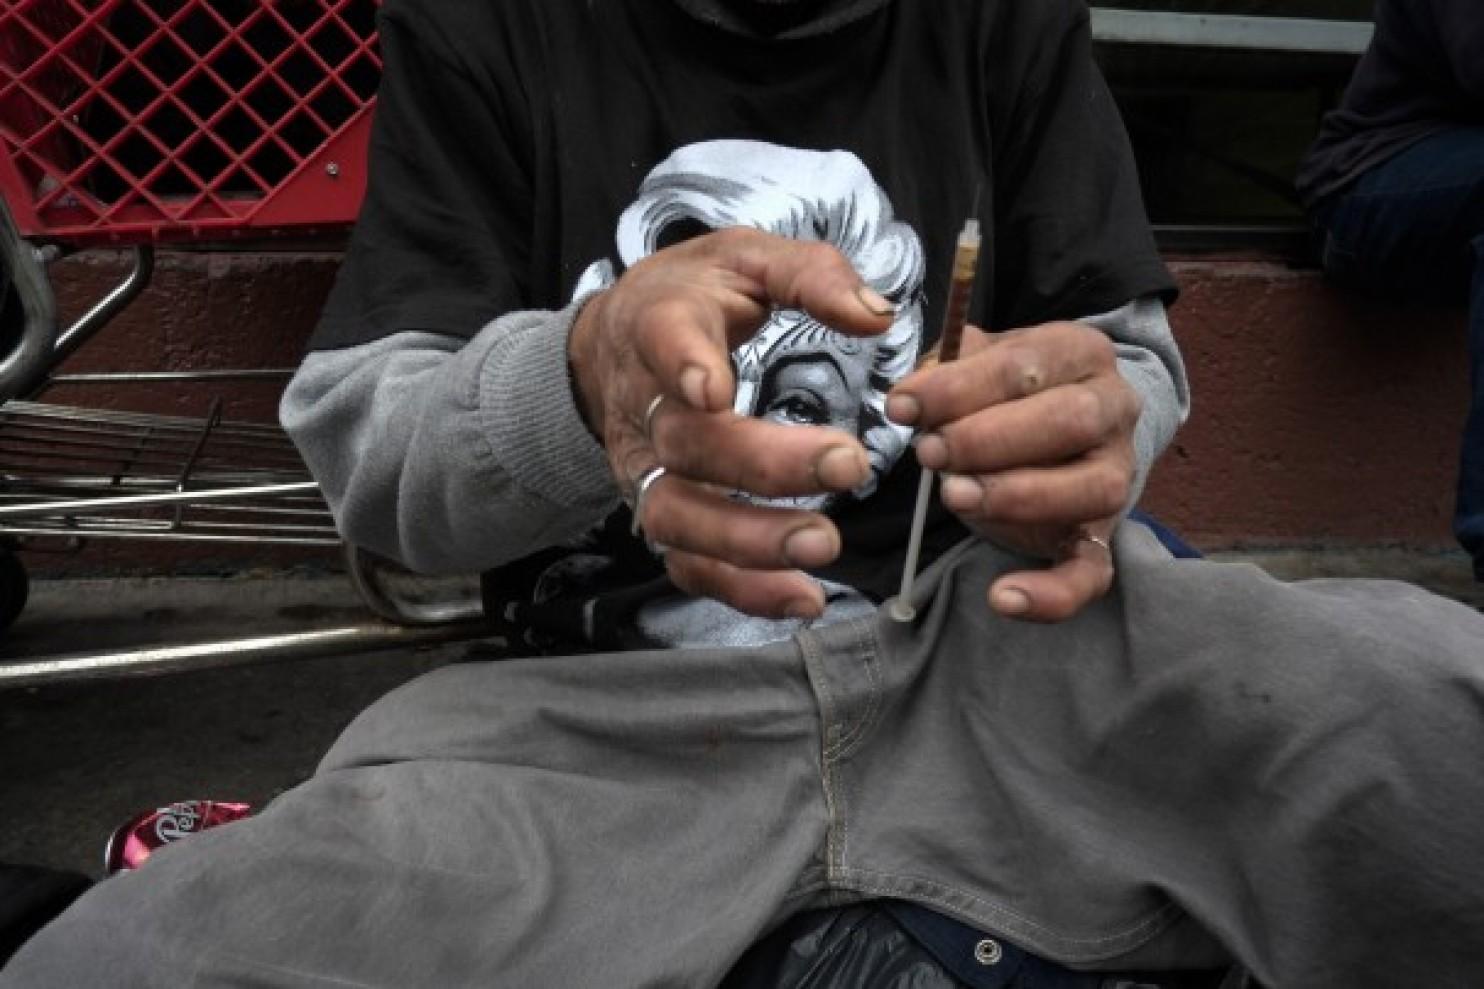 Skid Row, Los Angeles, 2013